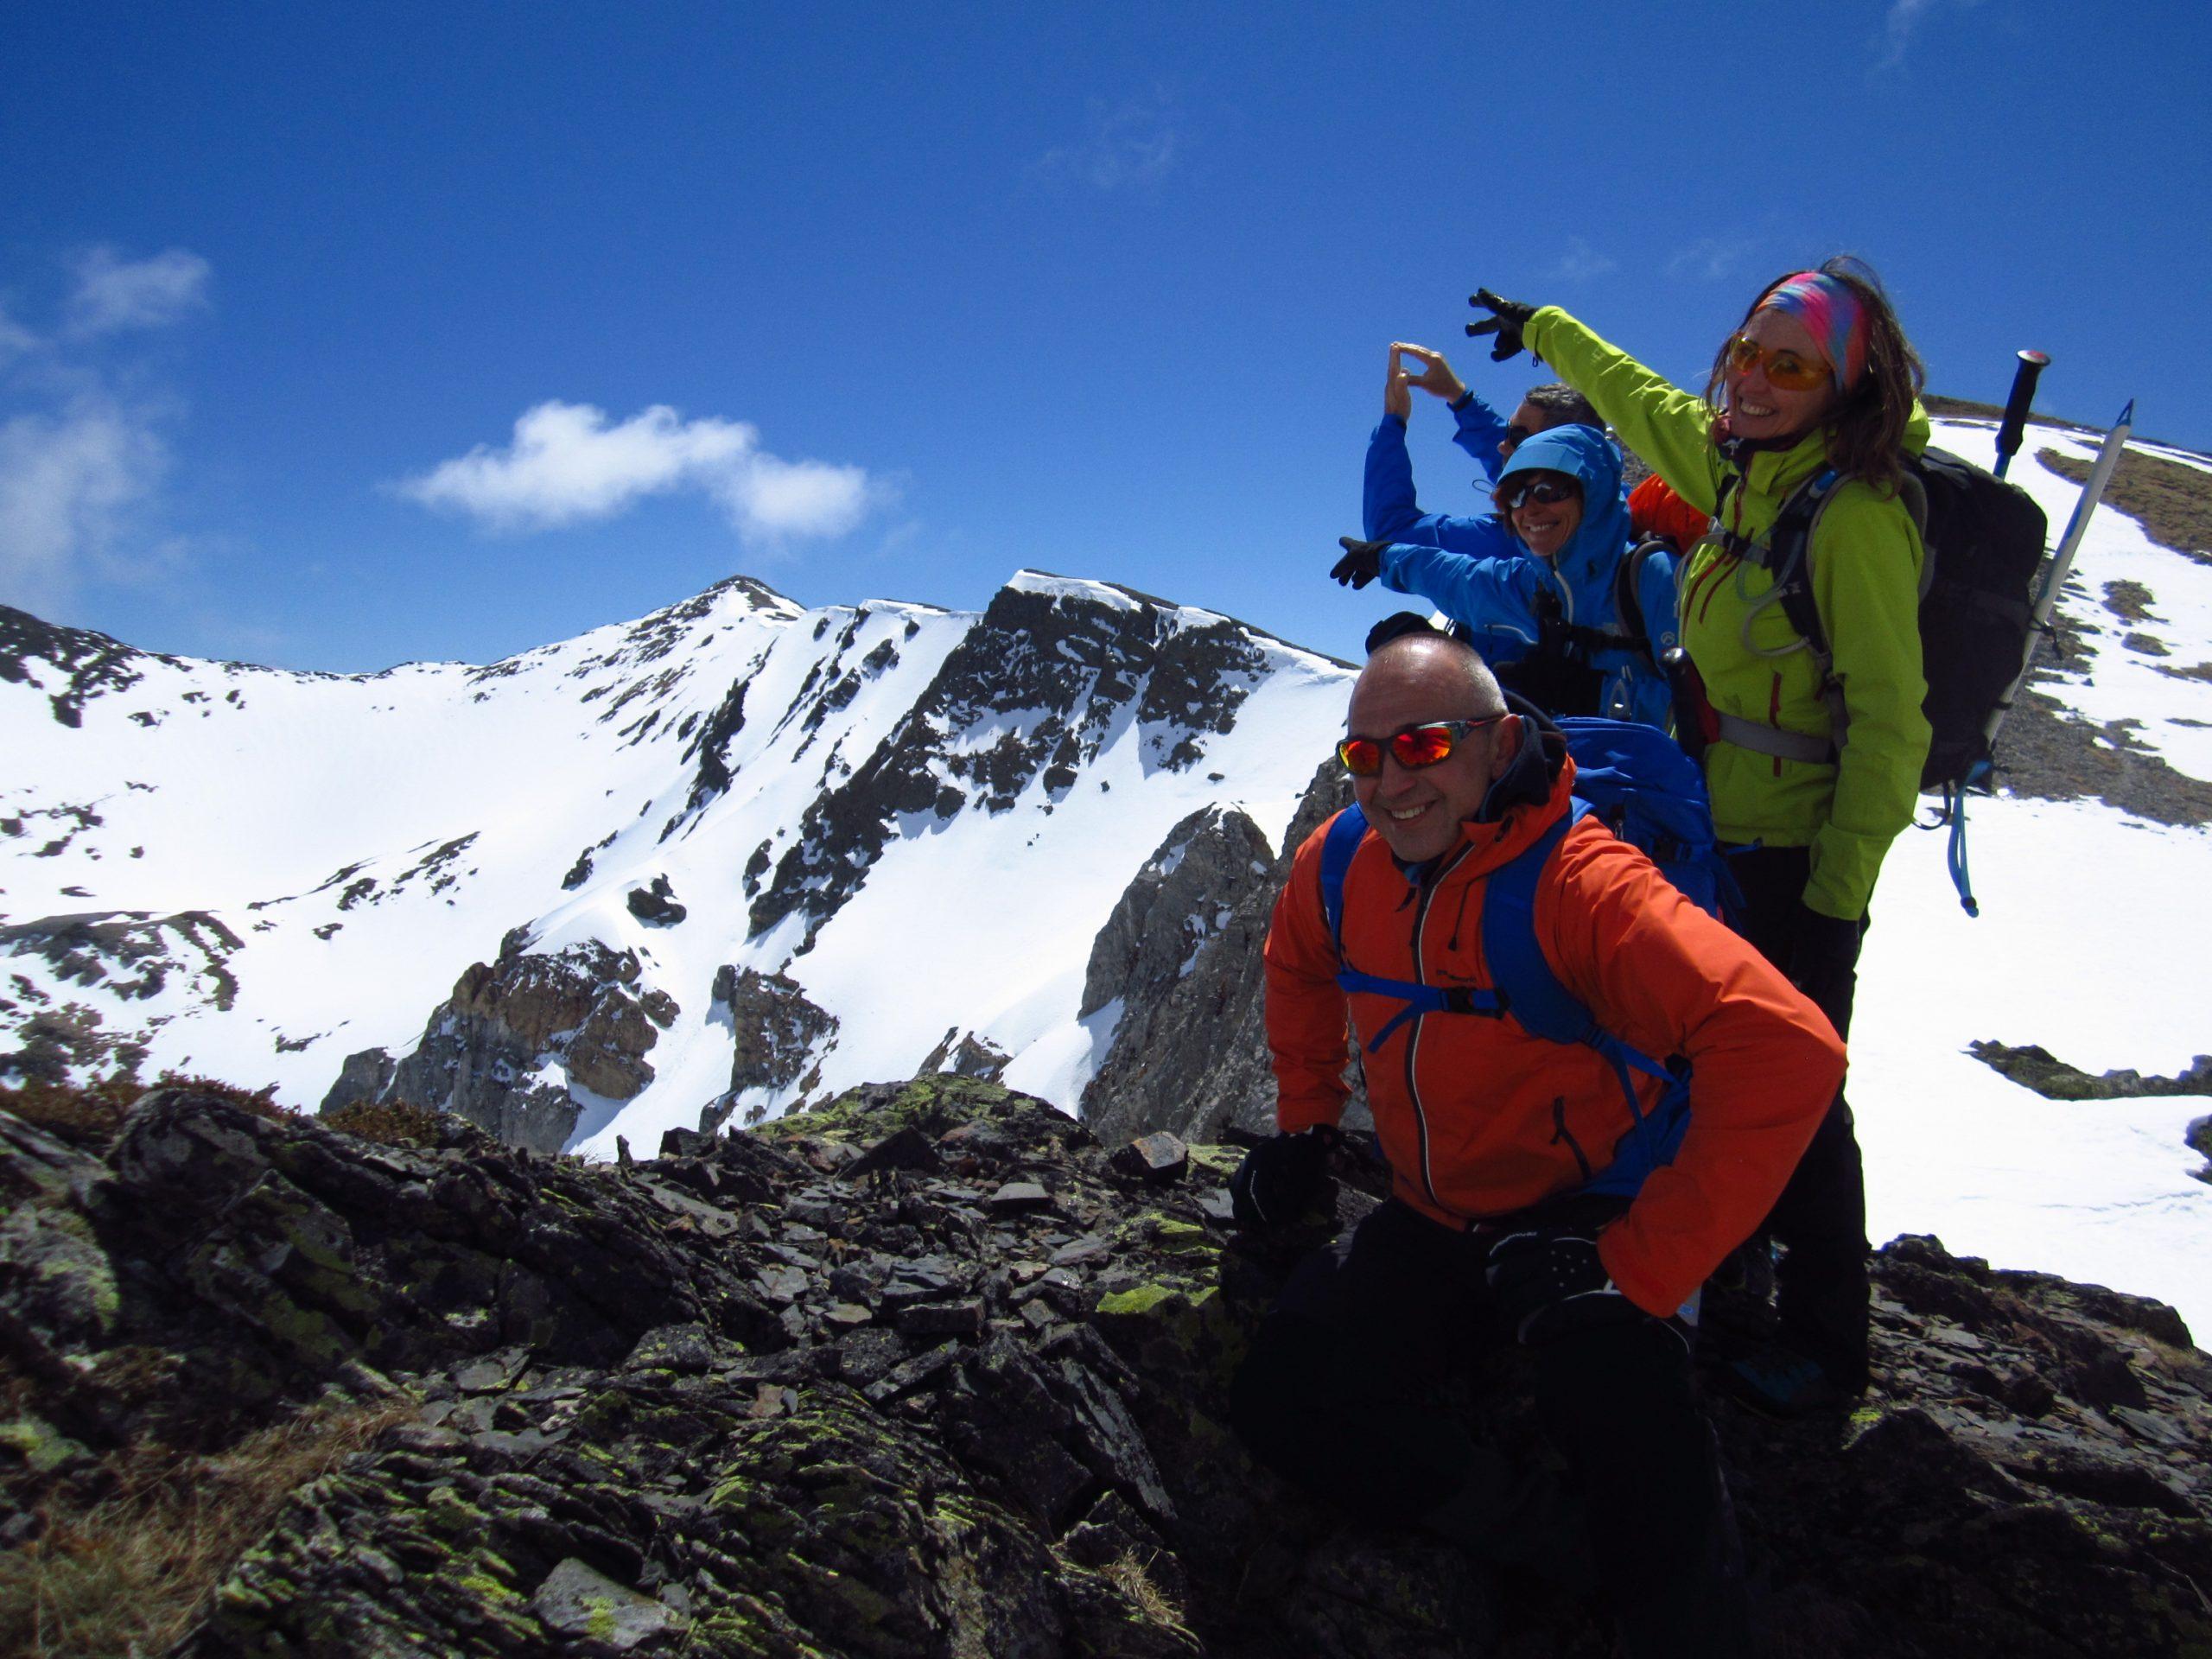 Ascensiones al Tres Provincias, Pico Murcia  Coriscao. Colosos de la Cordillera Cantábrica